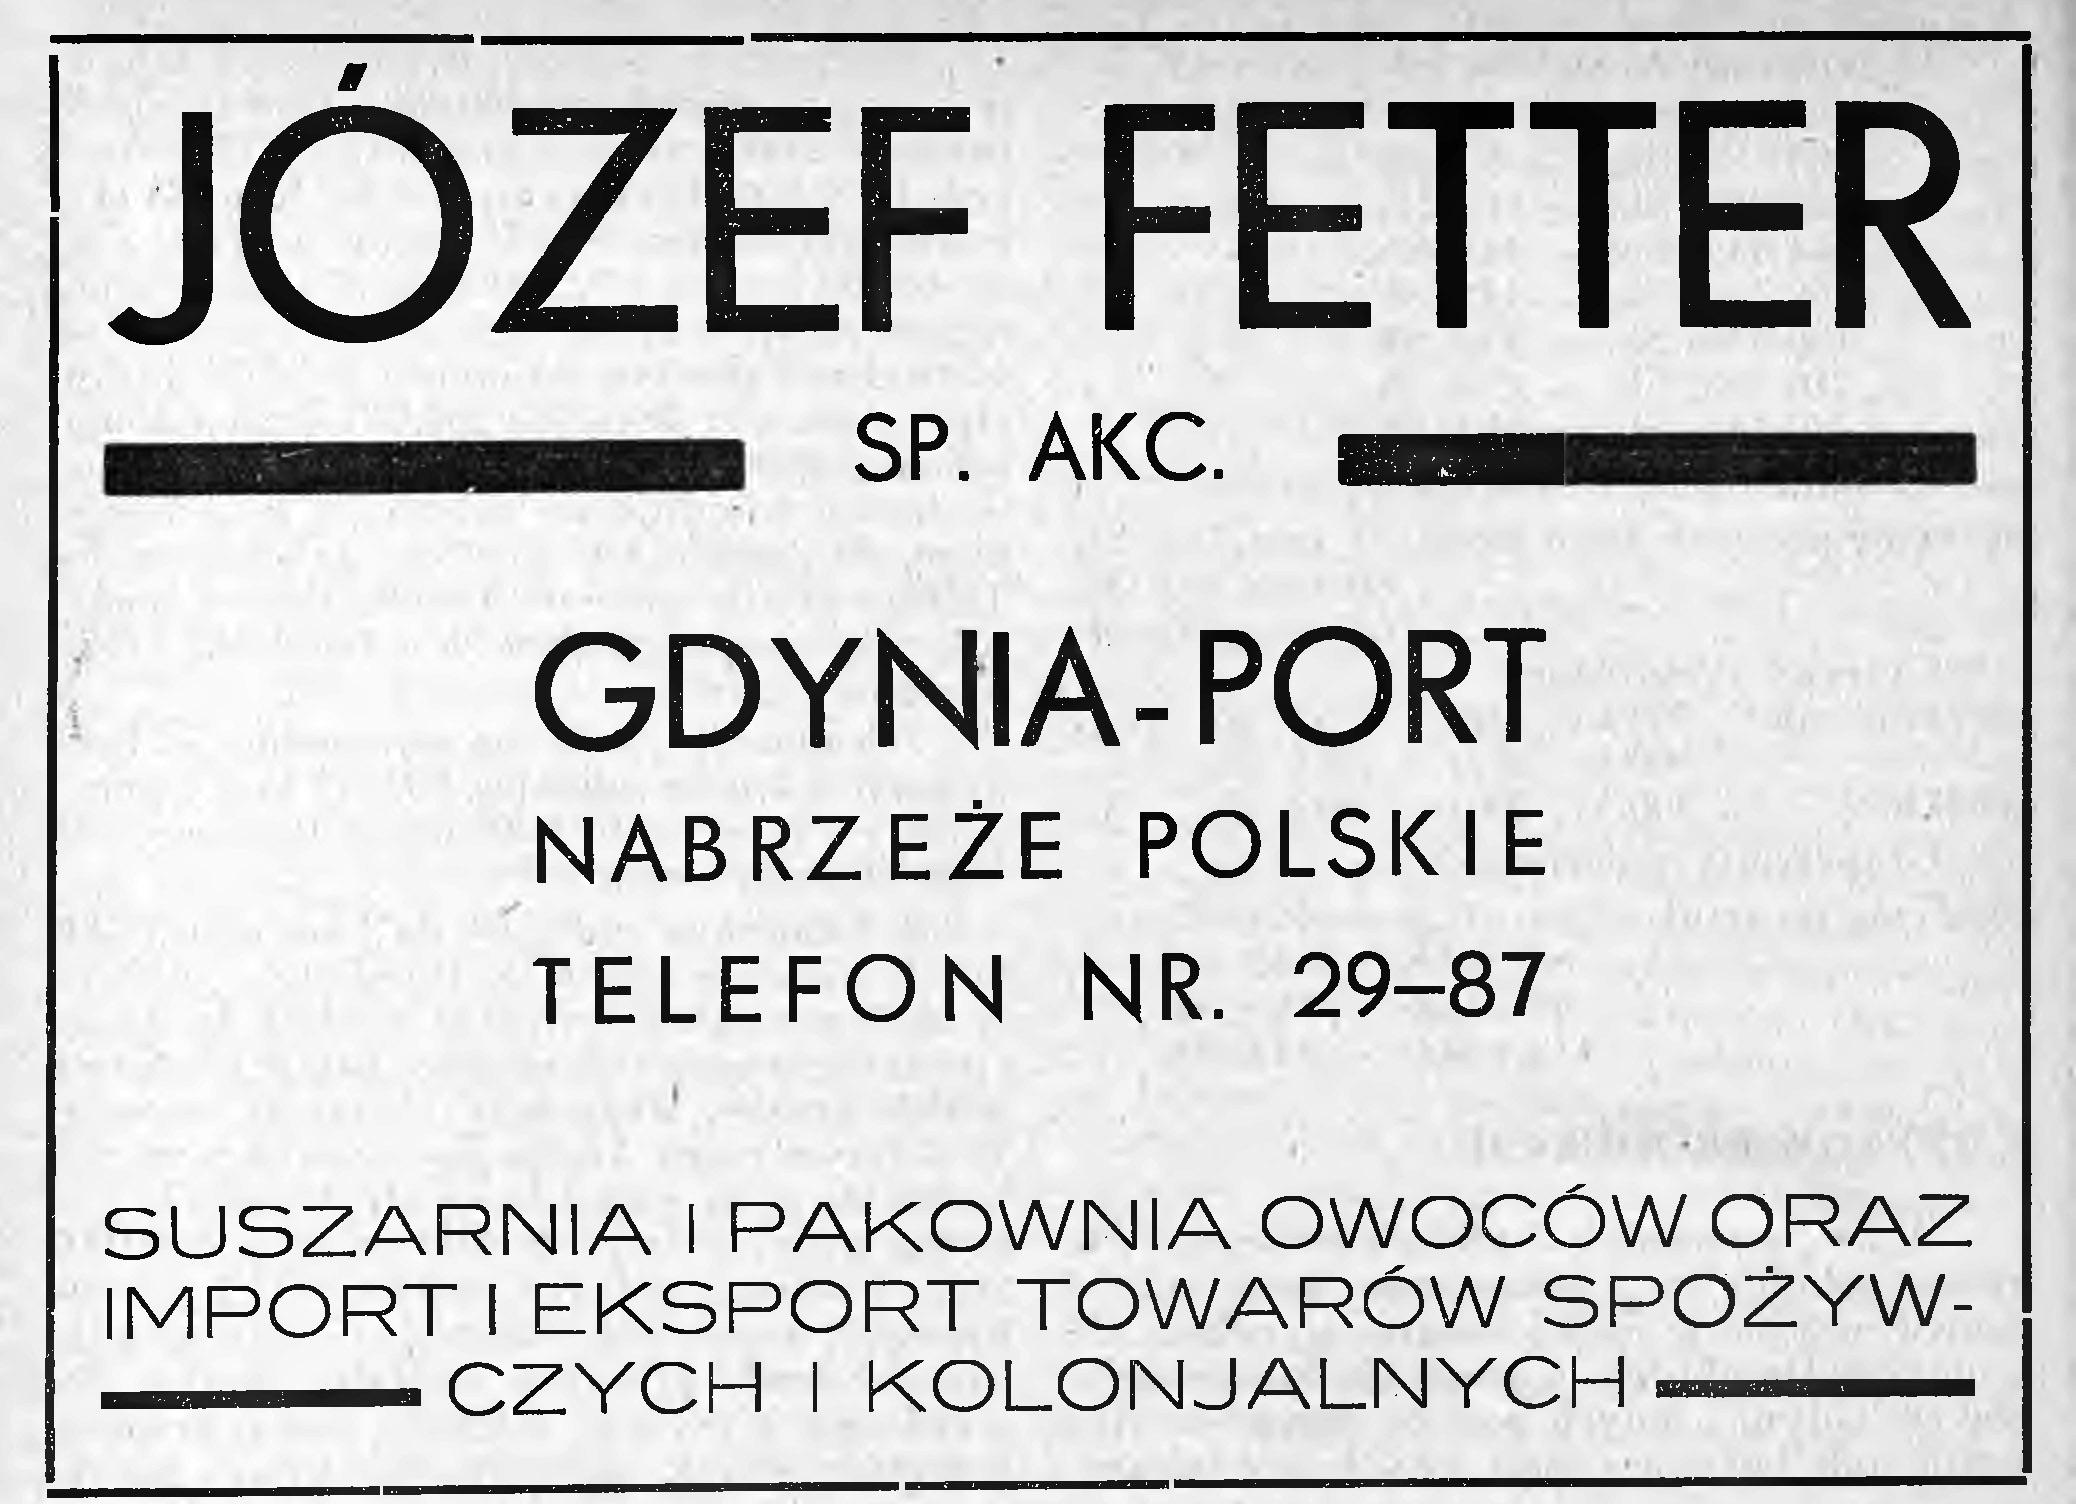 JÓŻEF FETTER SP. AKC.